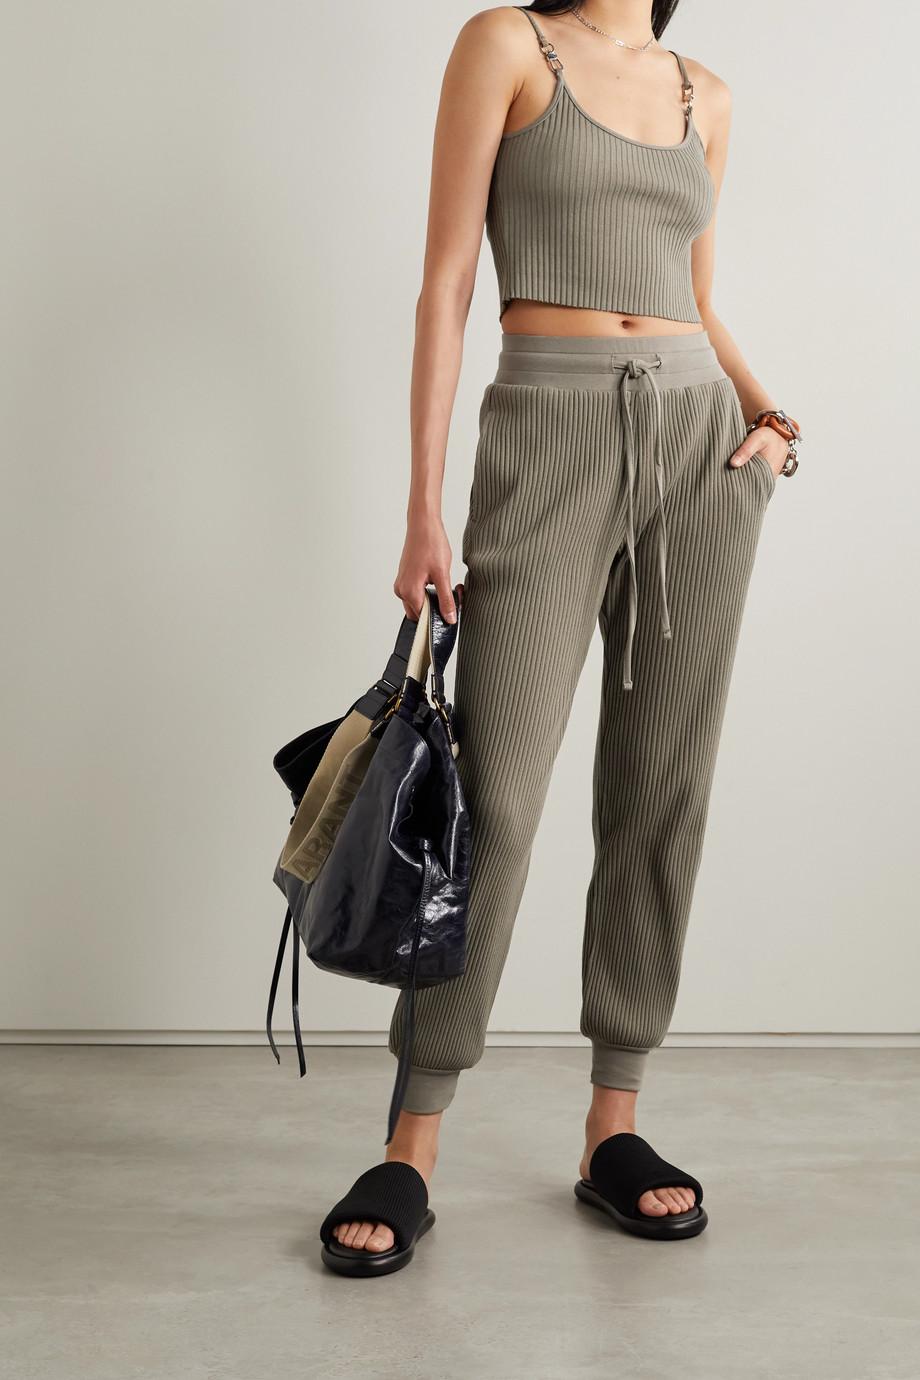 The Range Pantalon de survêtement en jersey de coton stretch côtelé Vital